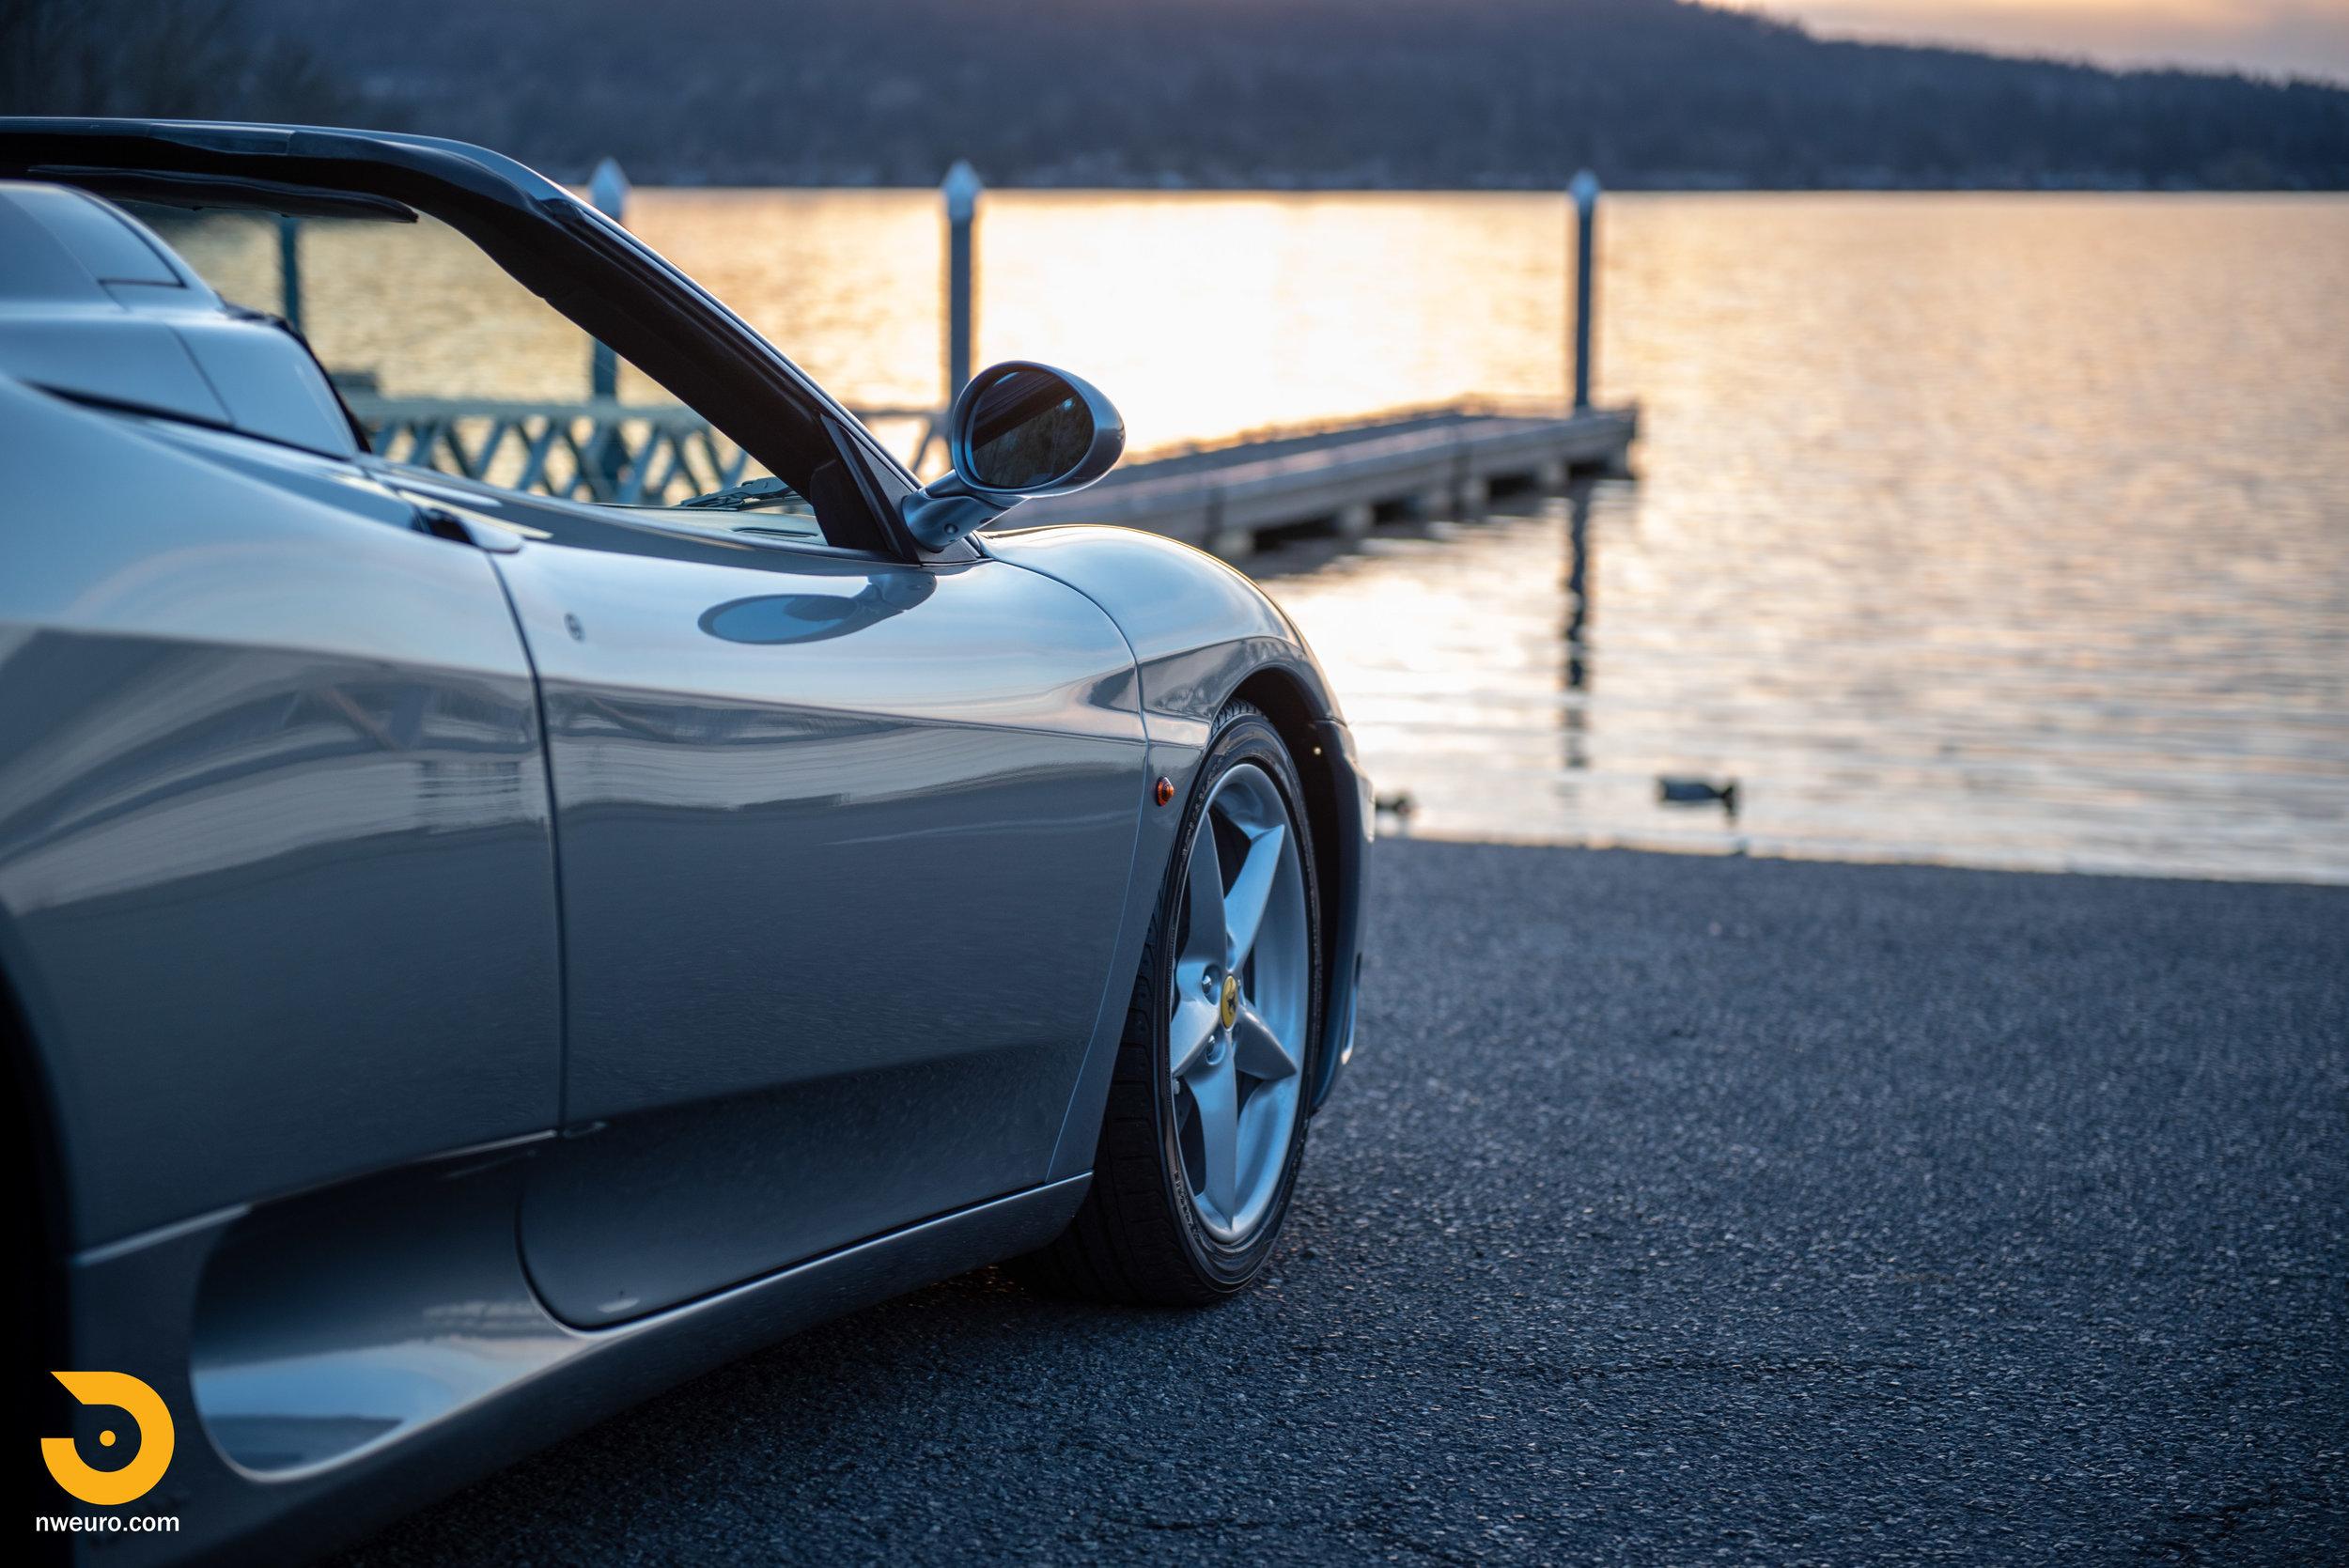 2001 Ferrari 360 Spider-112.jpg